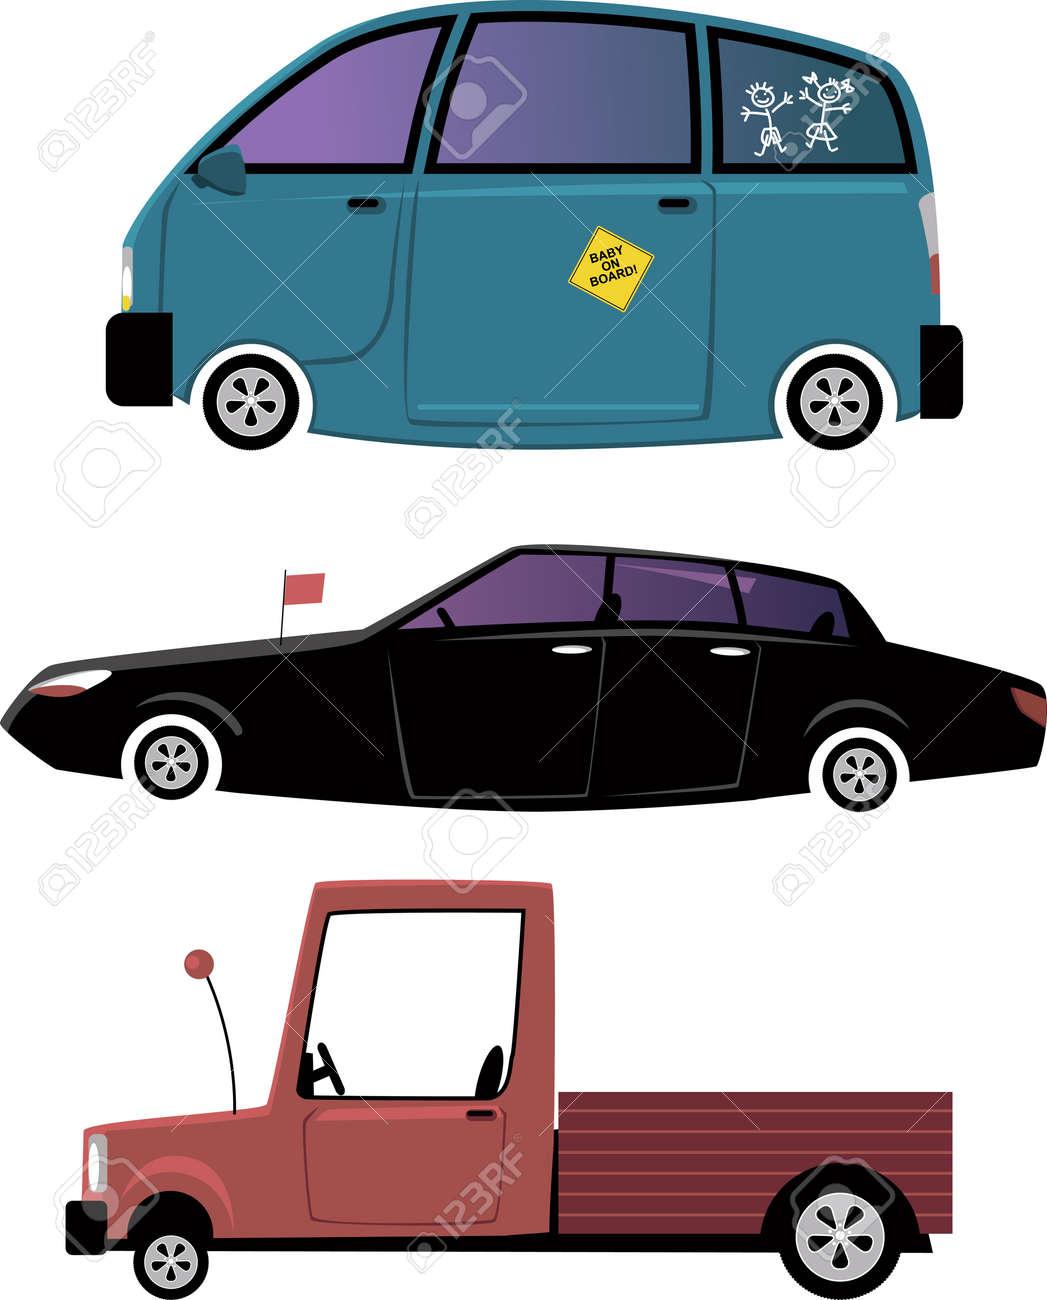 Conjunto De La Ilustración Del Coche De Tres De Dibujos Animados Minivan Limusina Y Una Camioneta Pick Up Aislado En Blanco Eps 8 Sin